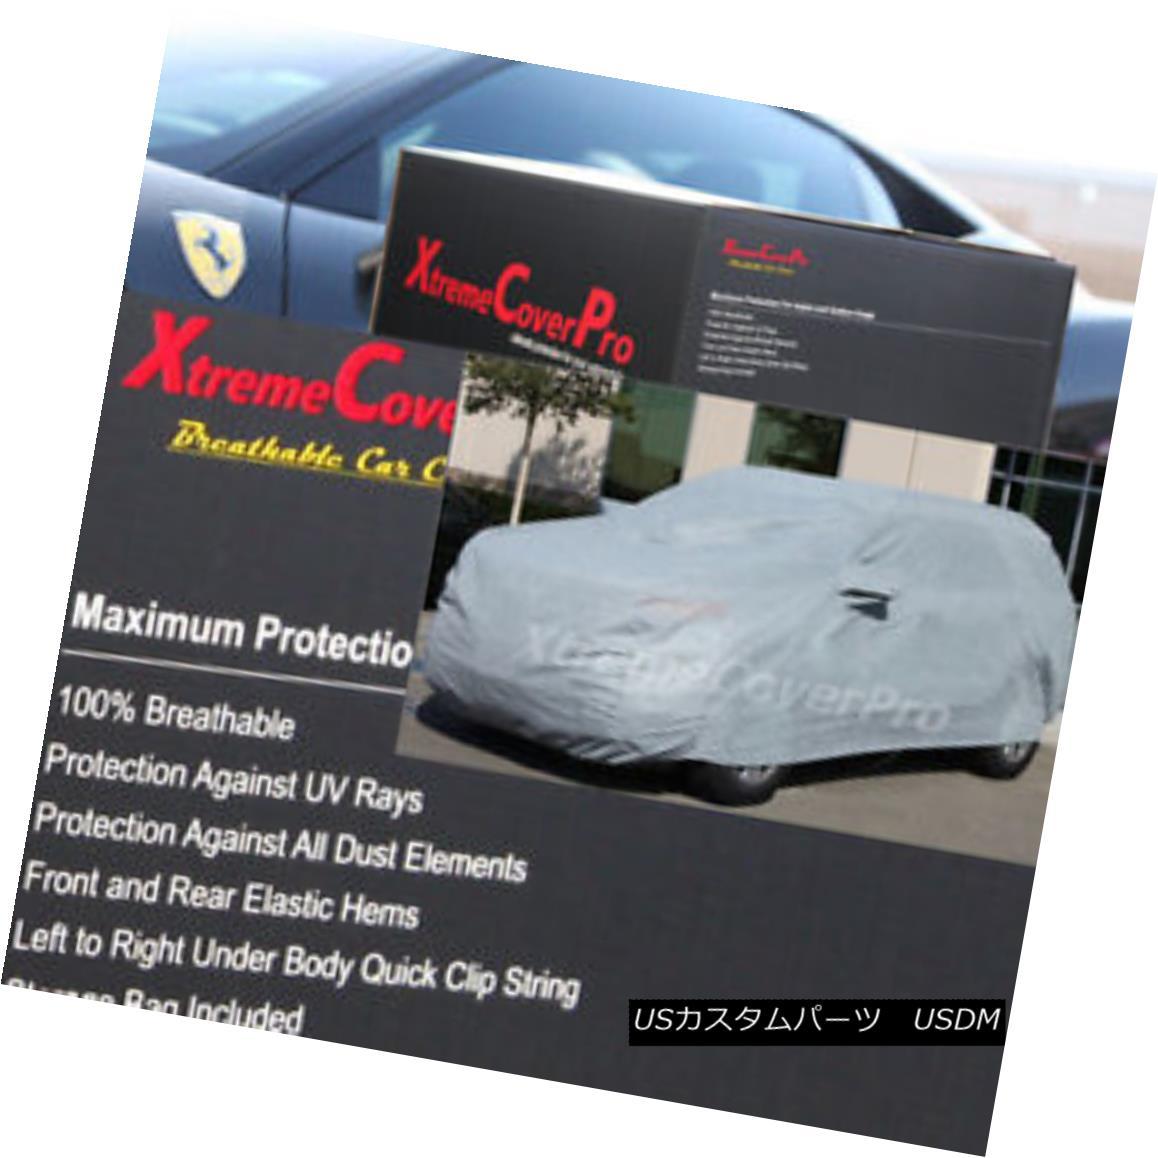 カーカバー 2002 2003 2004 2005 Land Rover Freelander Breathable Car Cover w/MirrorPocket 2002 2003 2004 2005ランドローバーフリーランダー通気性車カバー付き(MirrorPocket)